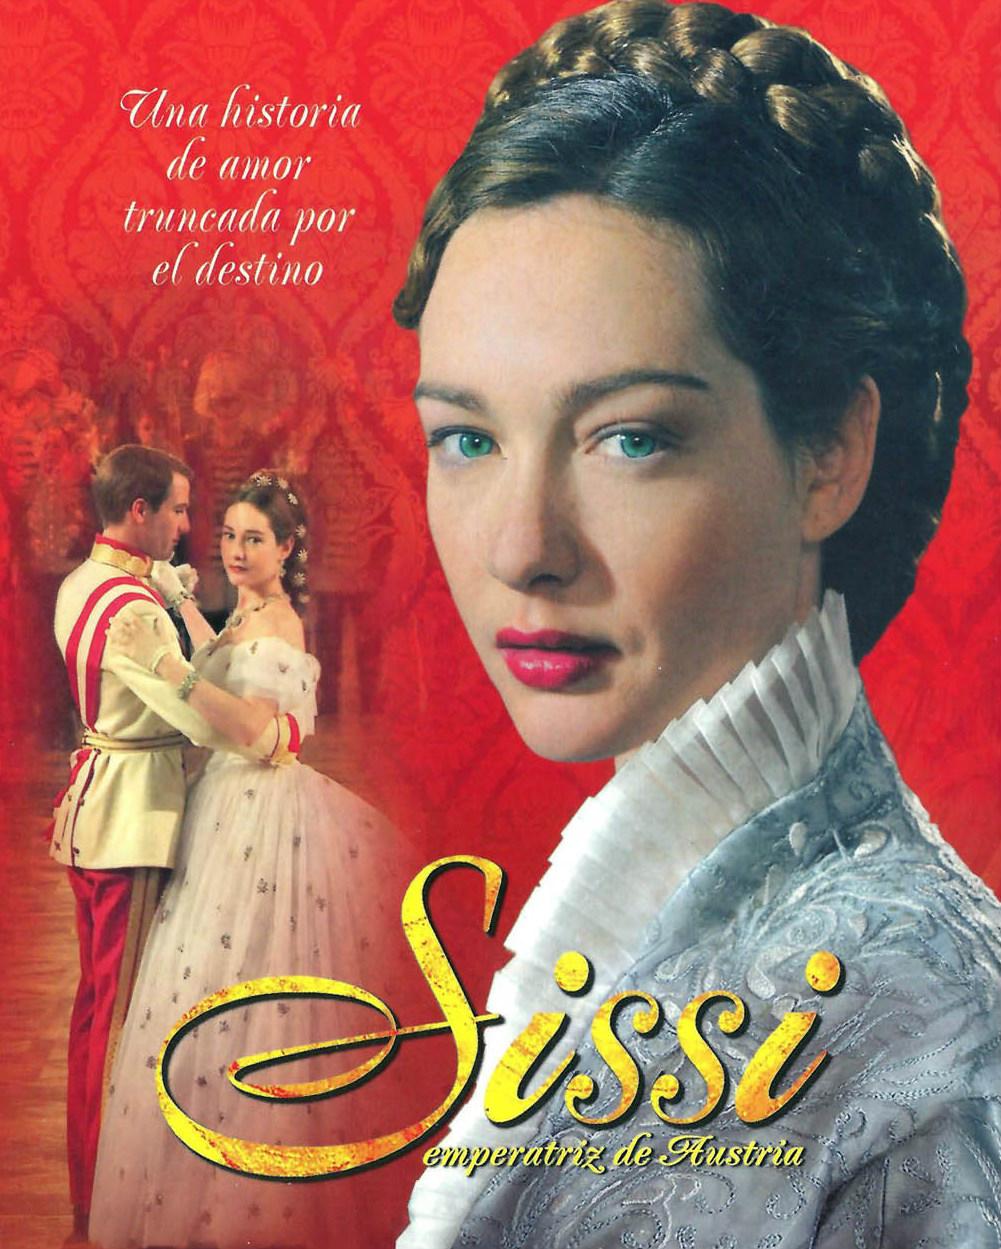 Sissi Emperatriz De Austria Película 2009 Sensacine Com